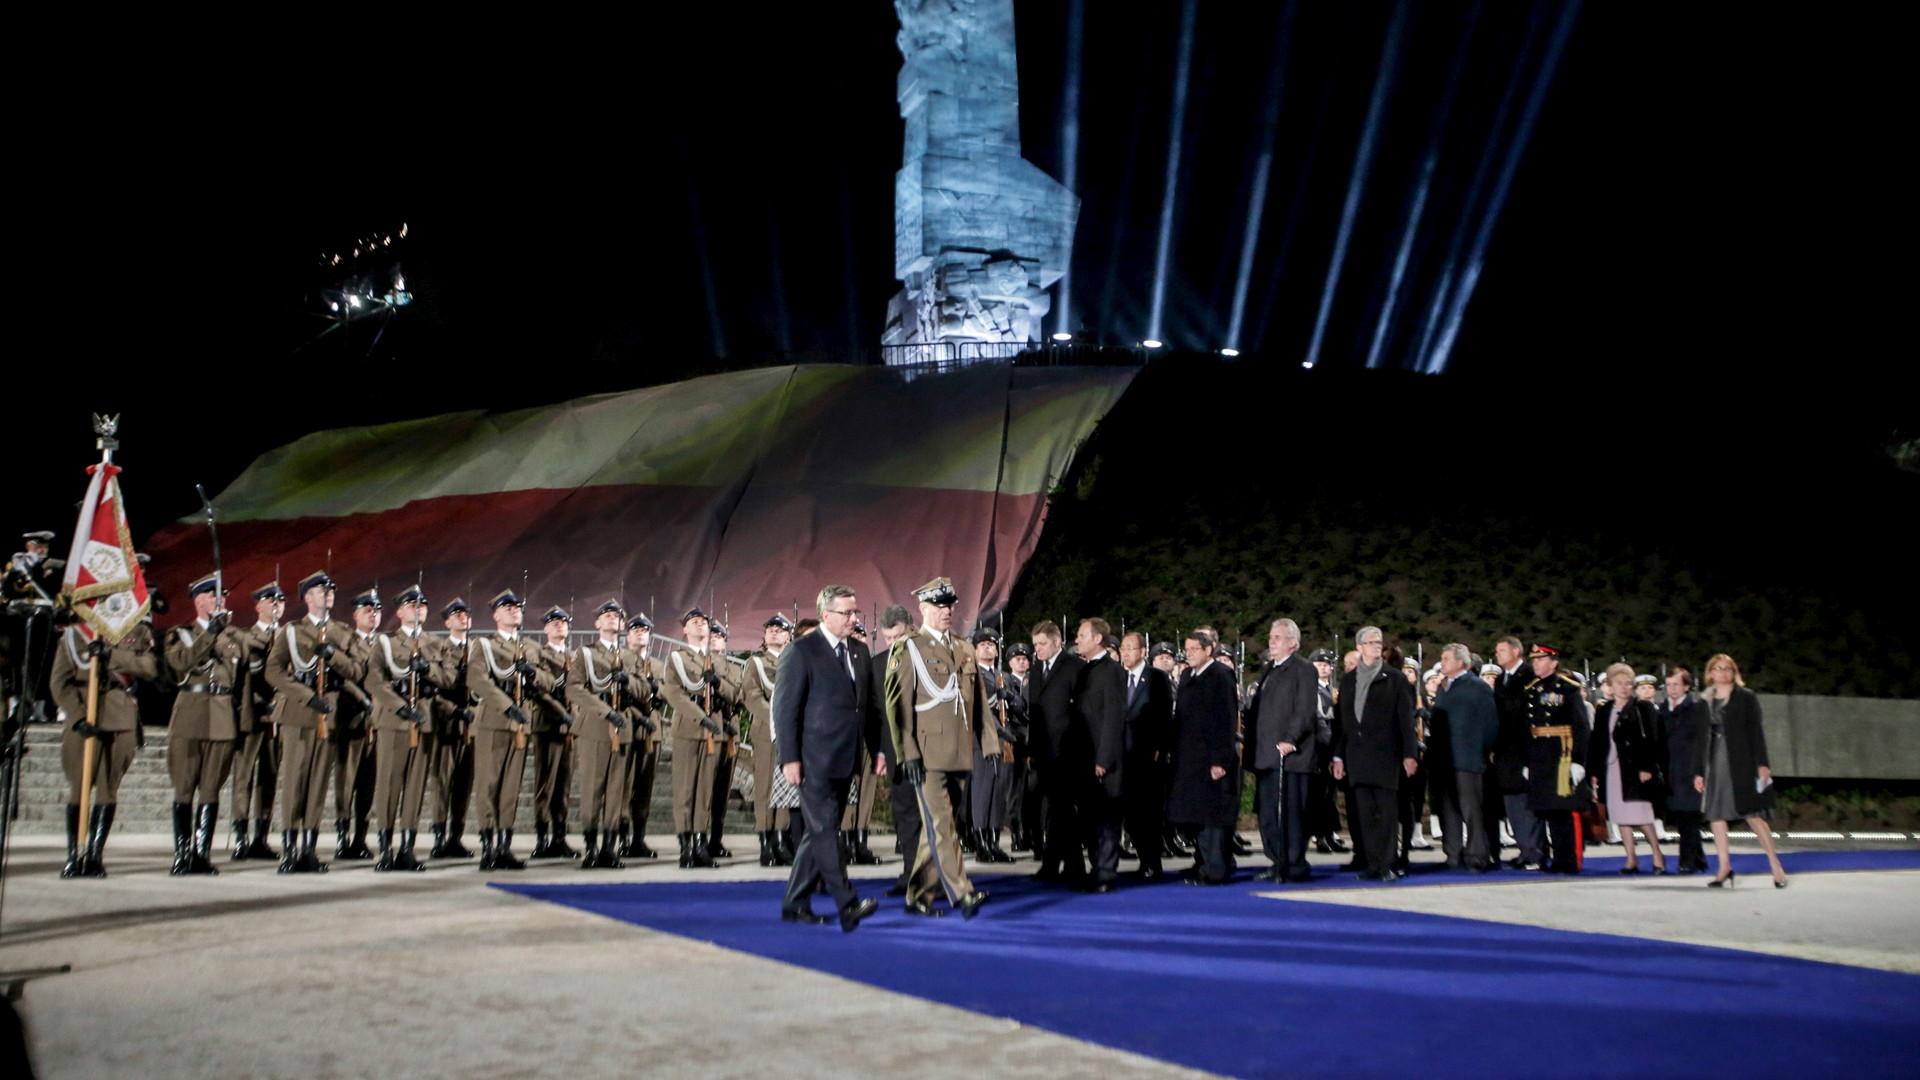 De Gdansk à Dachau, l'Europe en fête 70 ans après la victoire de 1945